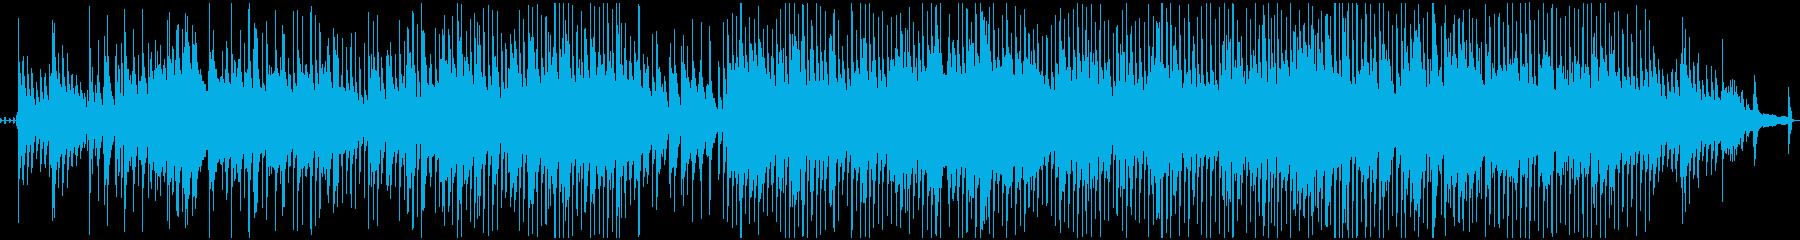 聖なる夜のピアノスロージャズの再生済みの波形